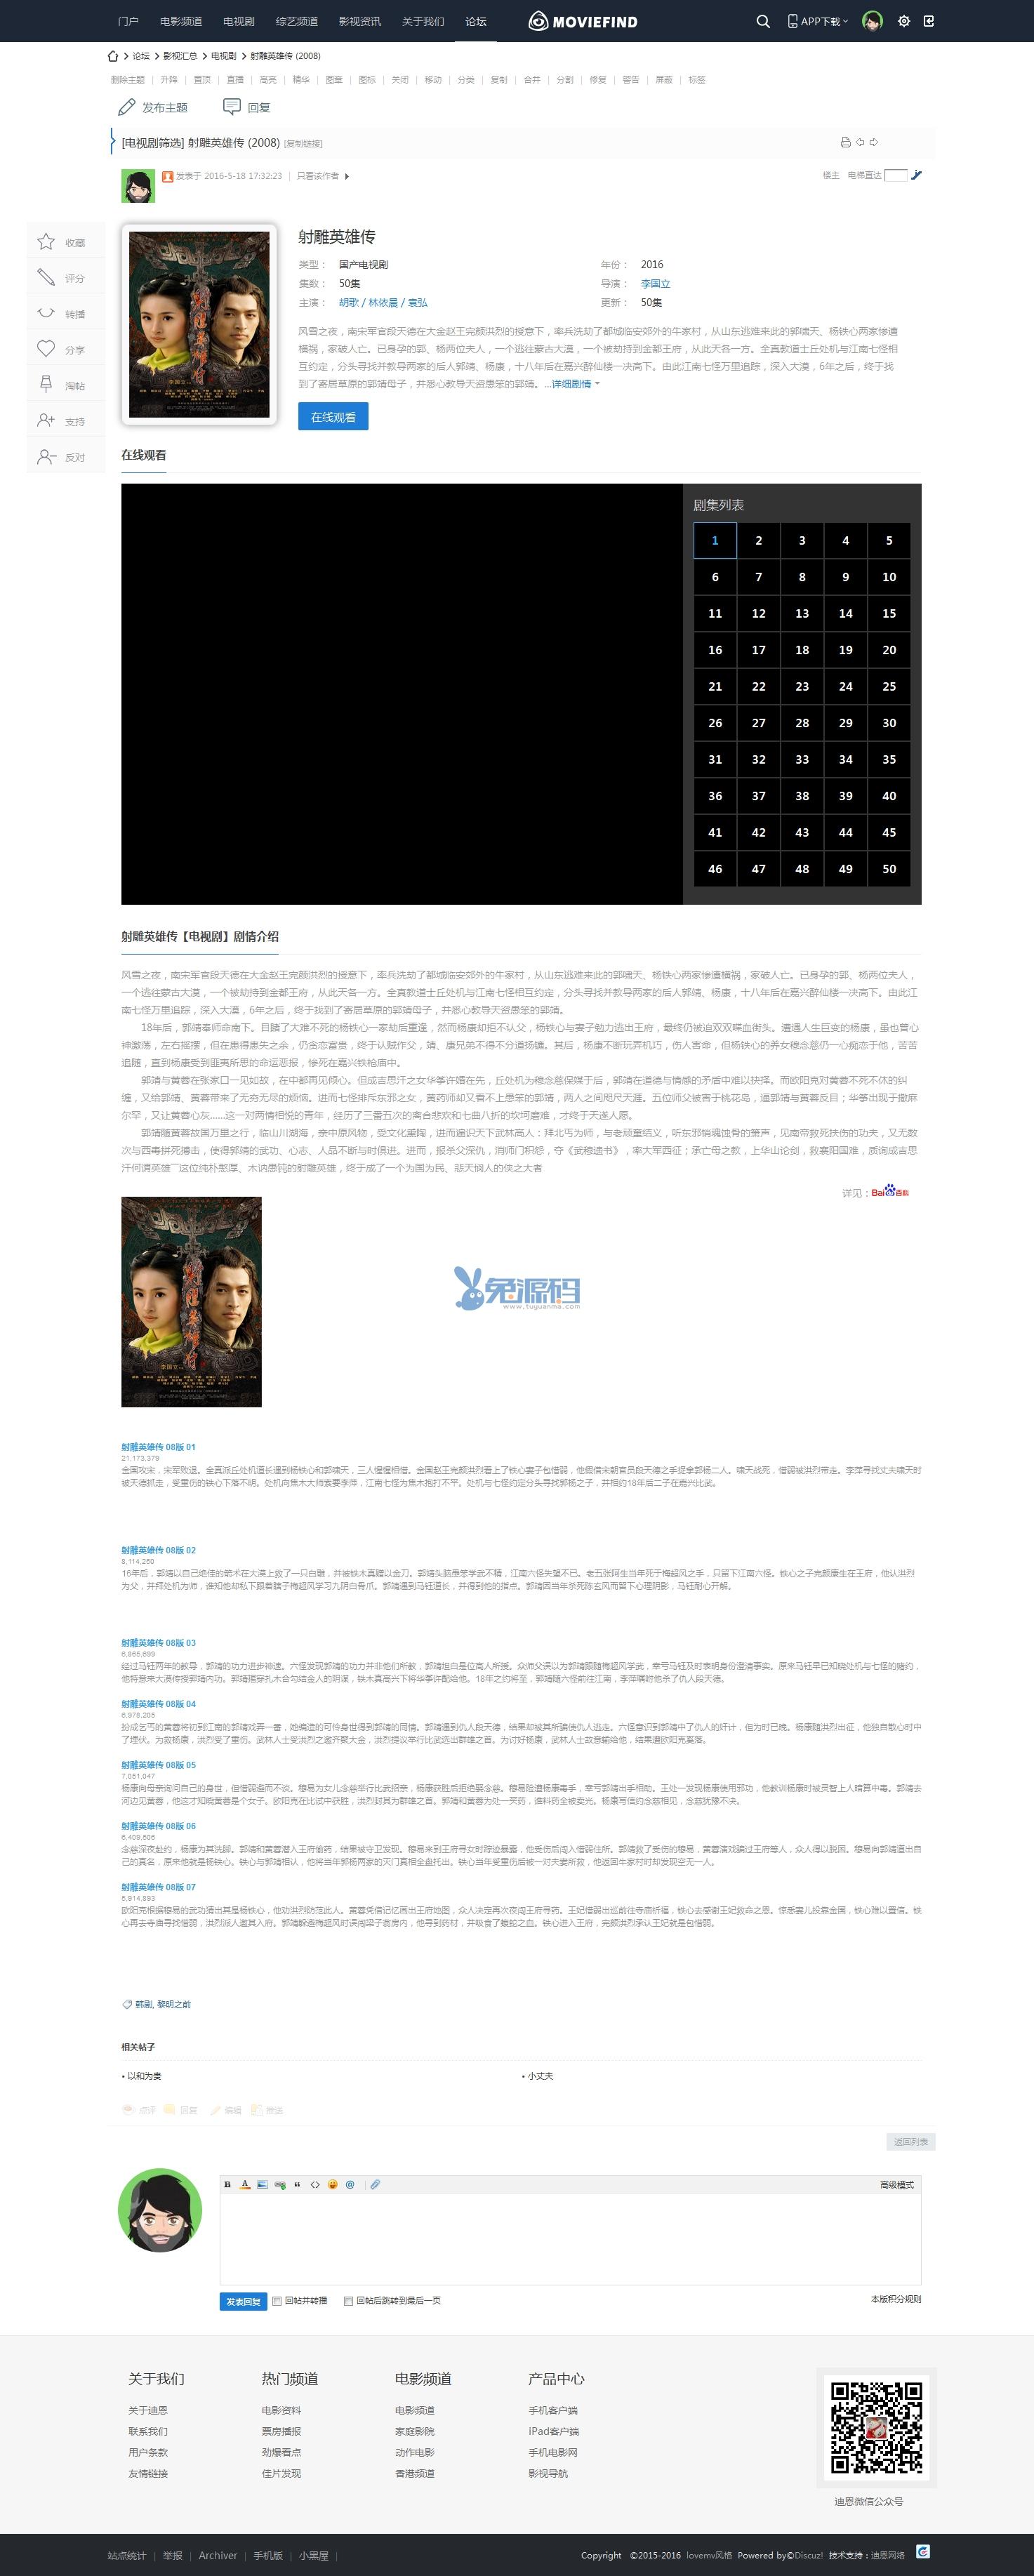 价值298元的电影/电视剧/视频 商业版(GBK)